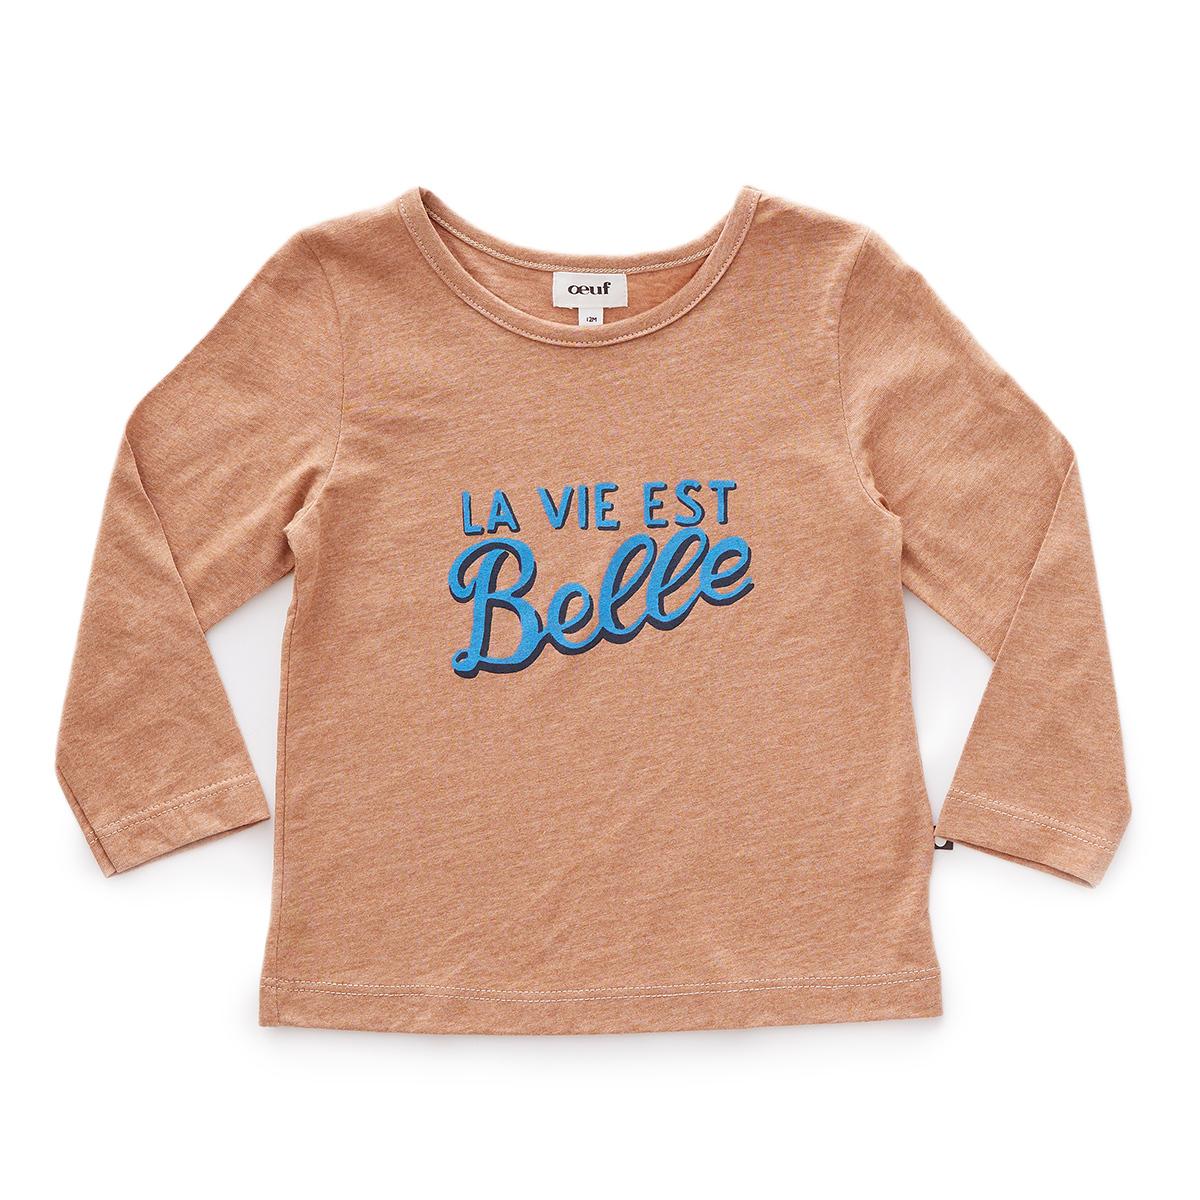 Hauts bébé Tee-shirt La Vie Est Belle Marron - 3 Ans Tee-shirt La Vie Est Belle Marron - 3 Ans